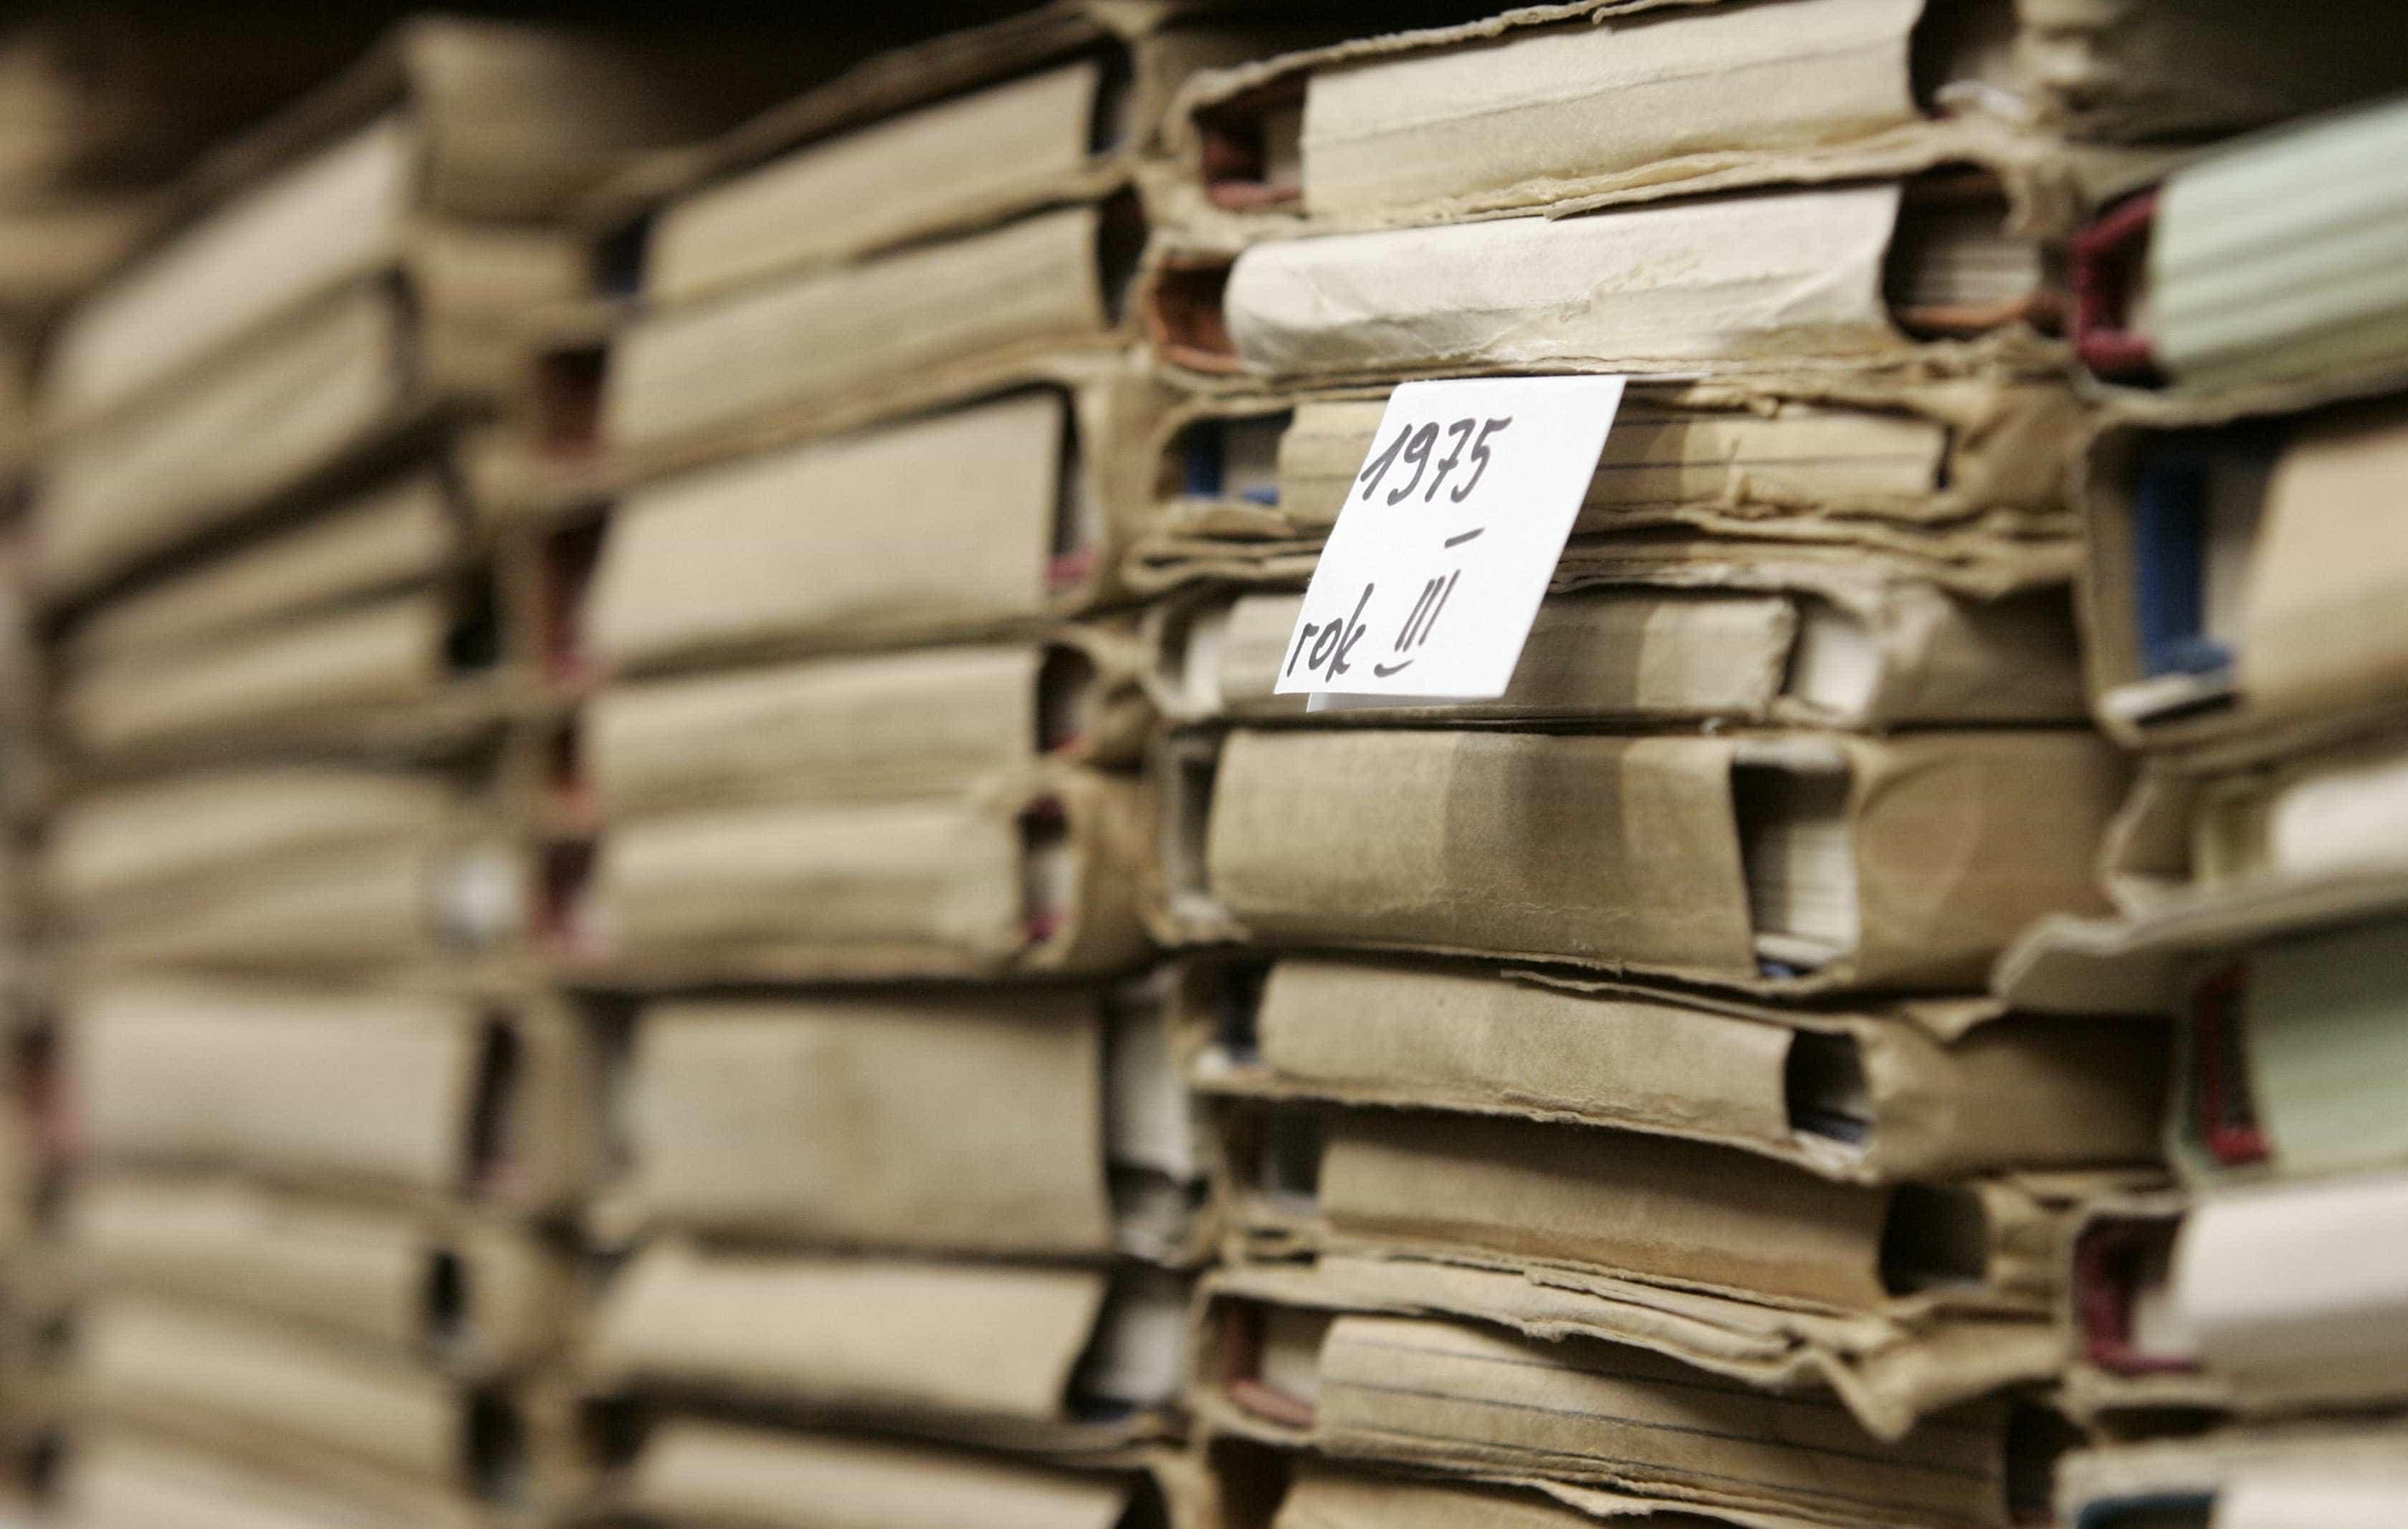 Documentos internos do Fisco guardados em casa de contabilista